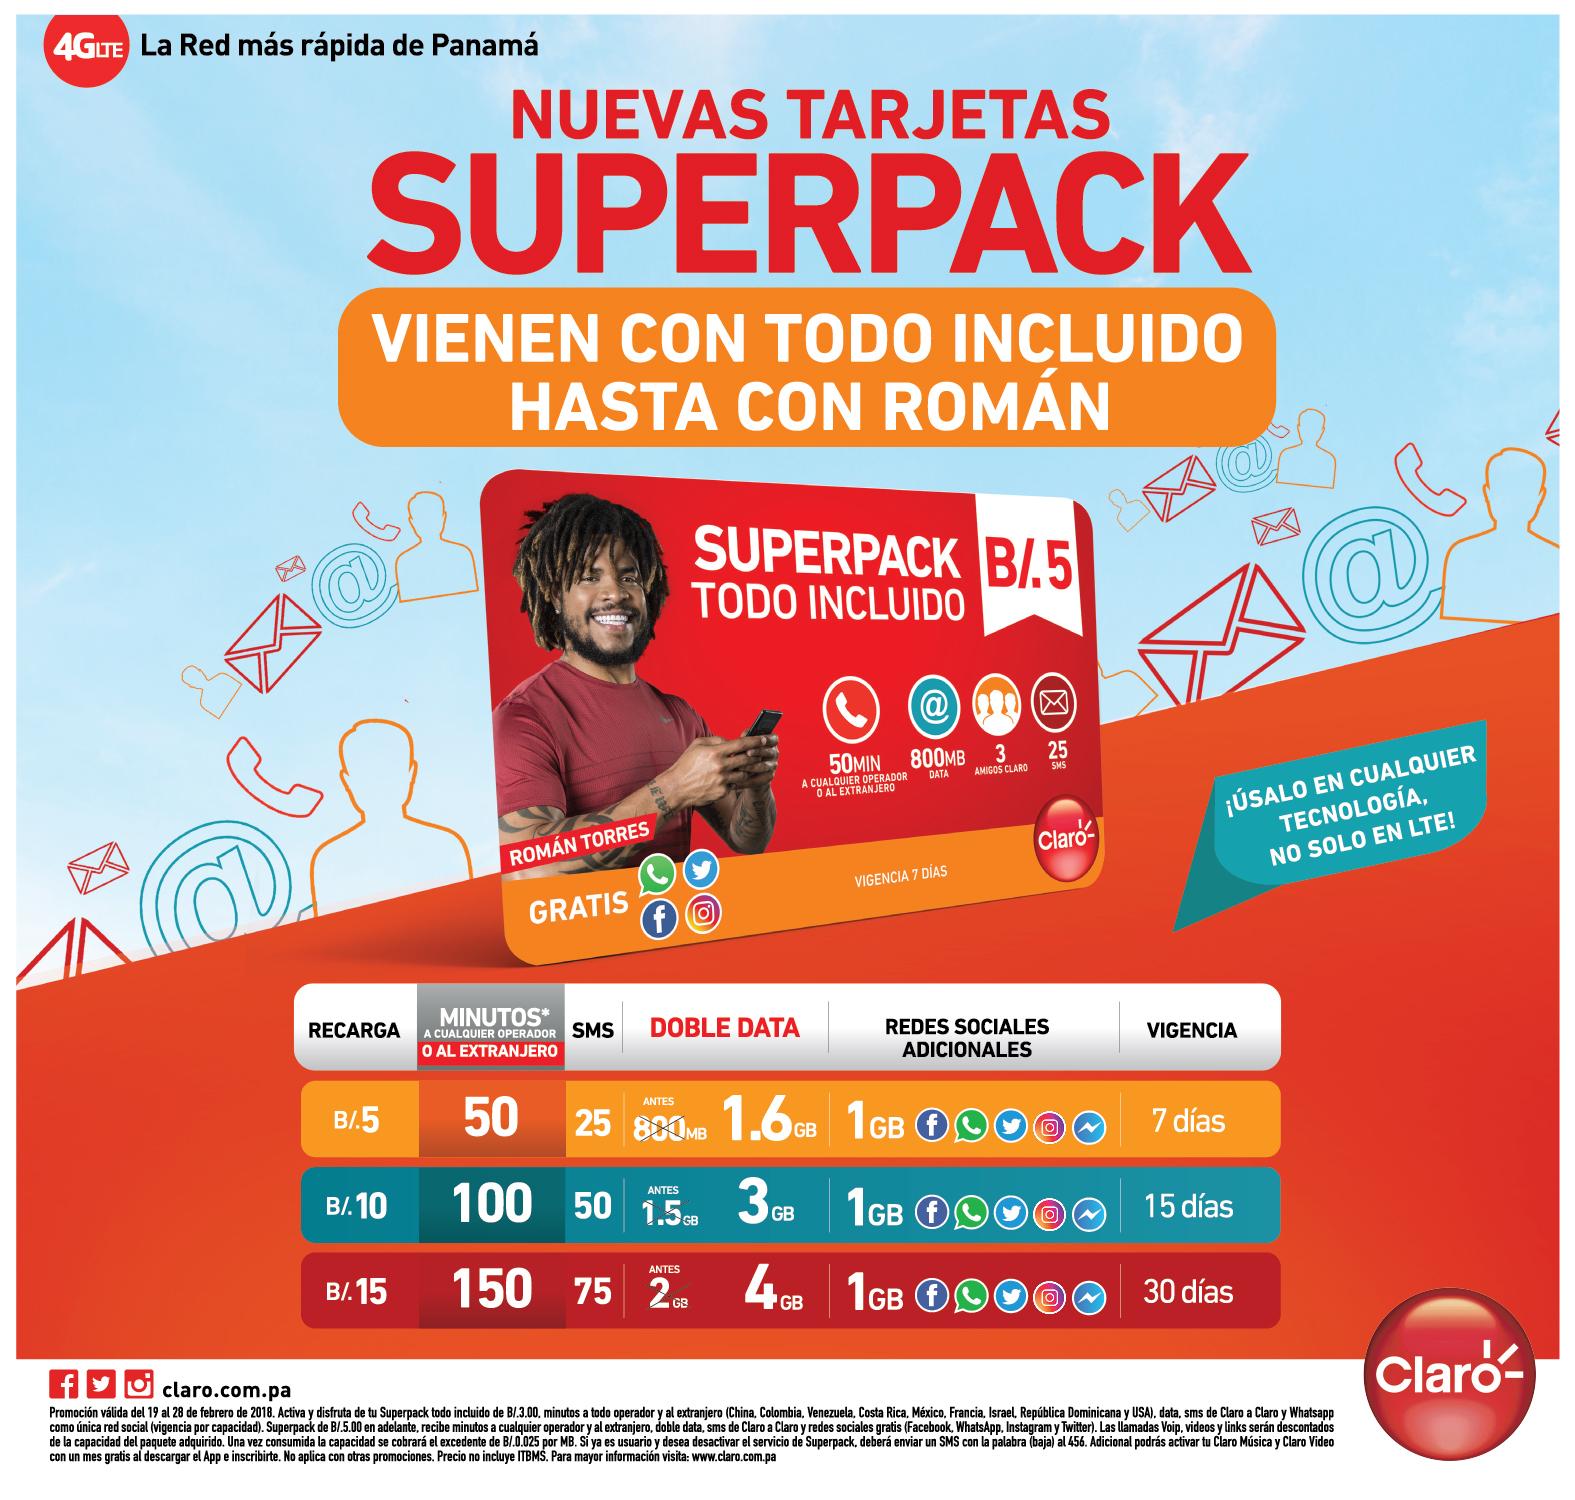 SUPER PACK EN NUEVAS TARJETAS – CLARO PANAMA